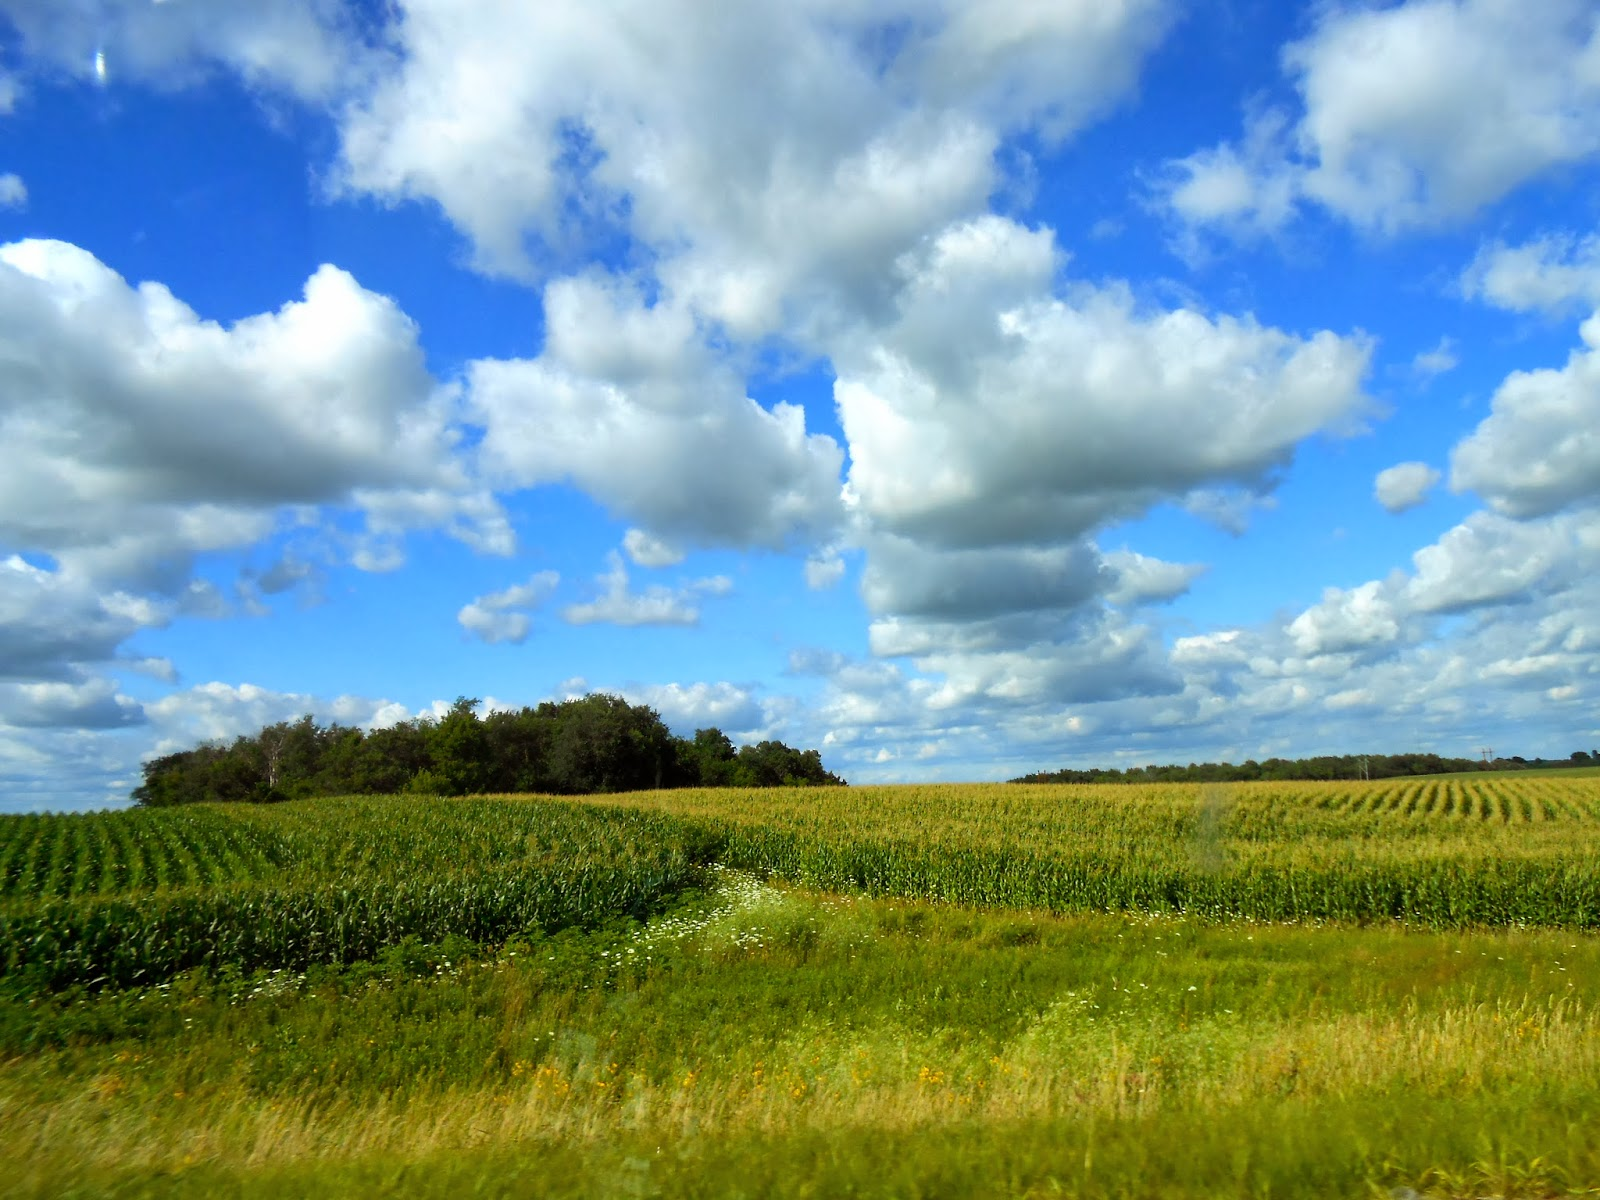 Driving through Arlington, Iowa